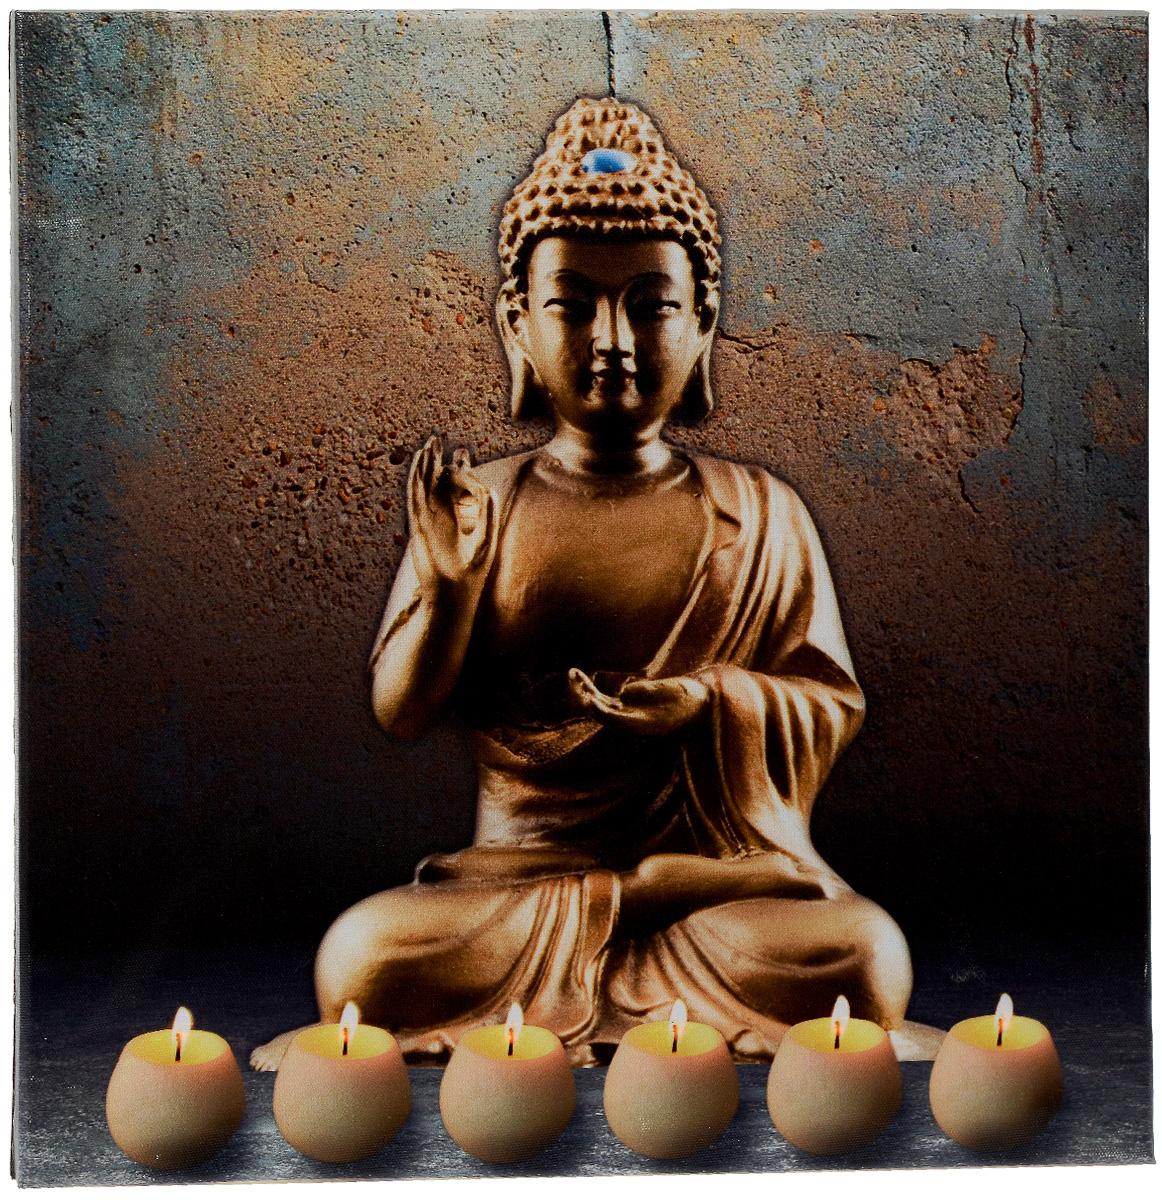 Картина MTH Будда, со светодиодами, 40 см х 40 см2-A-289Картина MTH Будда выполнена на основе из МДФ, обтянутой холстом.Изделие оснащено светодиодами. Их теплый мерцающий в темноте светоживит ваш дом и добавит ему уюта. На картине изображен Будда со свечами. Благодаря светодиодной подсветке создается ощущение, что теплый свет, исходящий от свечей, действительно может согревать. С оборотной стороны картина оснащена специальным отверстием для подвешивания на стену.Необычная картина придаст интерьеру невероятного шарма и оригинальности.Рисунок успокаивает нервную систему, помогая расслабиться и отвлечься отповседневных забот. Подсветка работает от 2 батареек типа АА напряжением 1,5V (в комплект не входят).